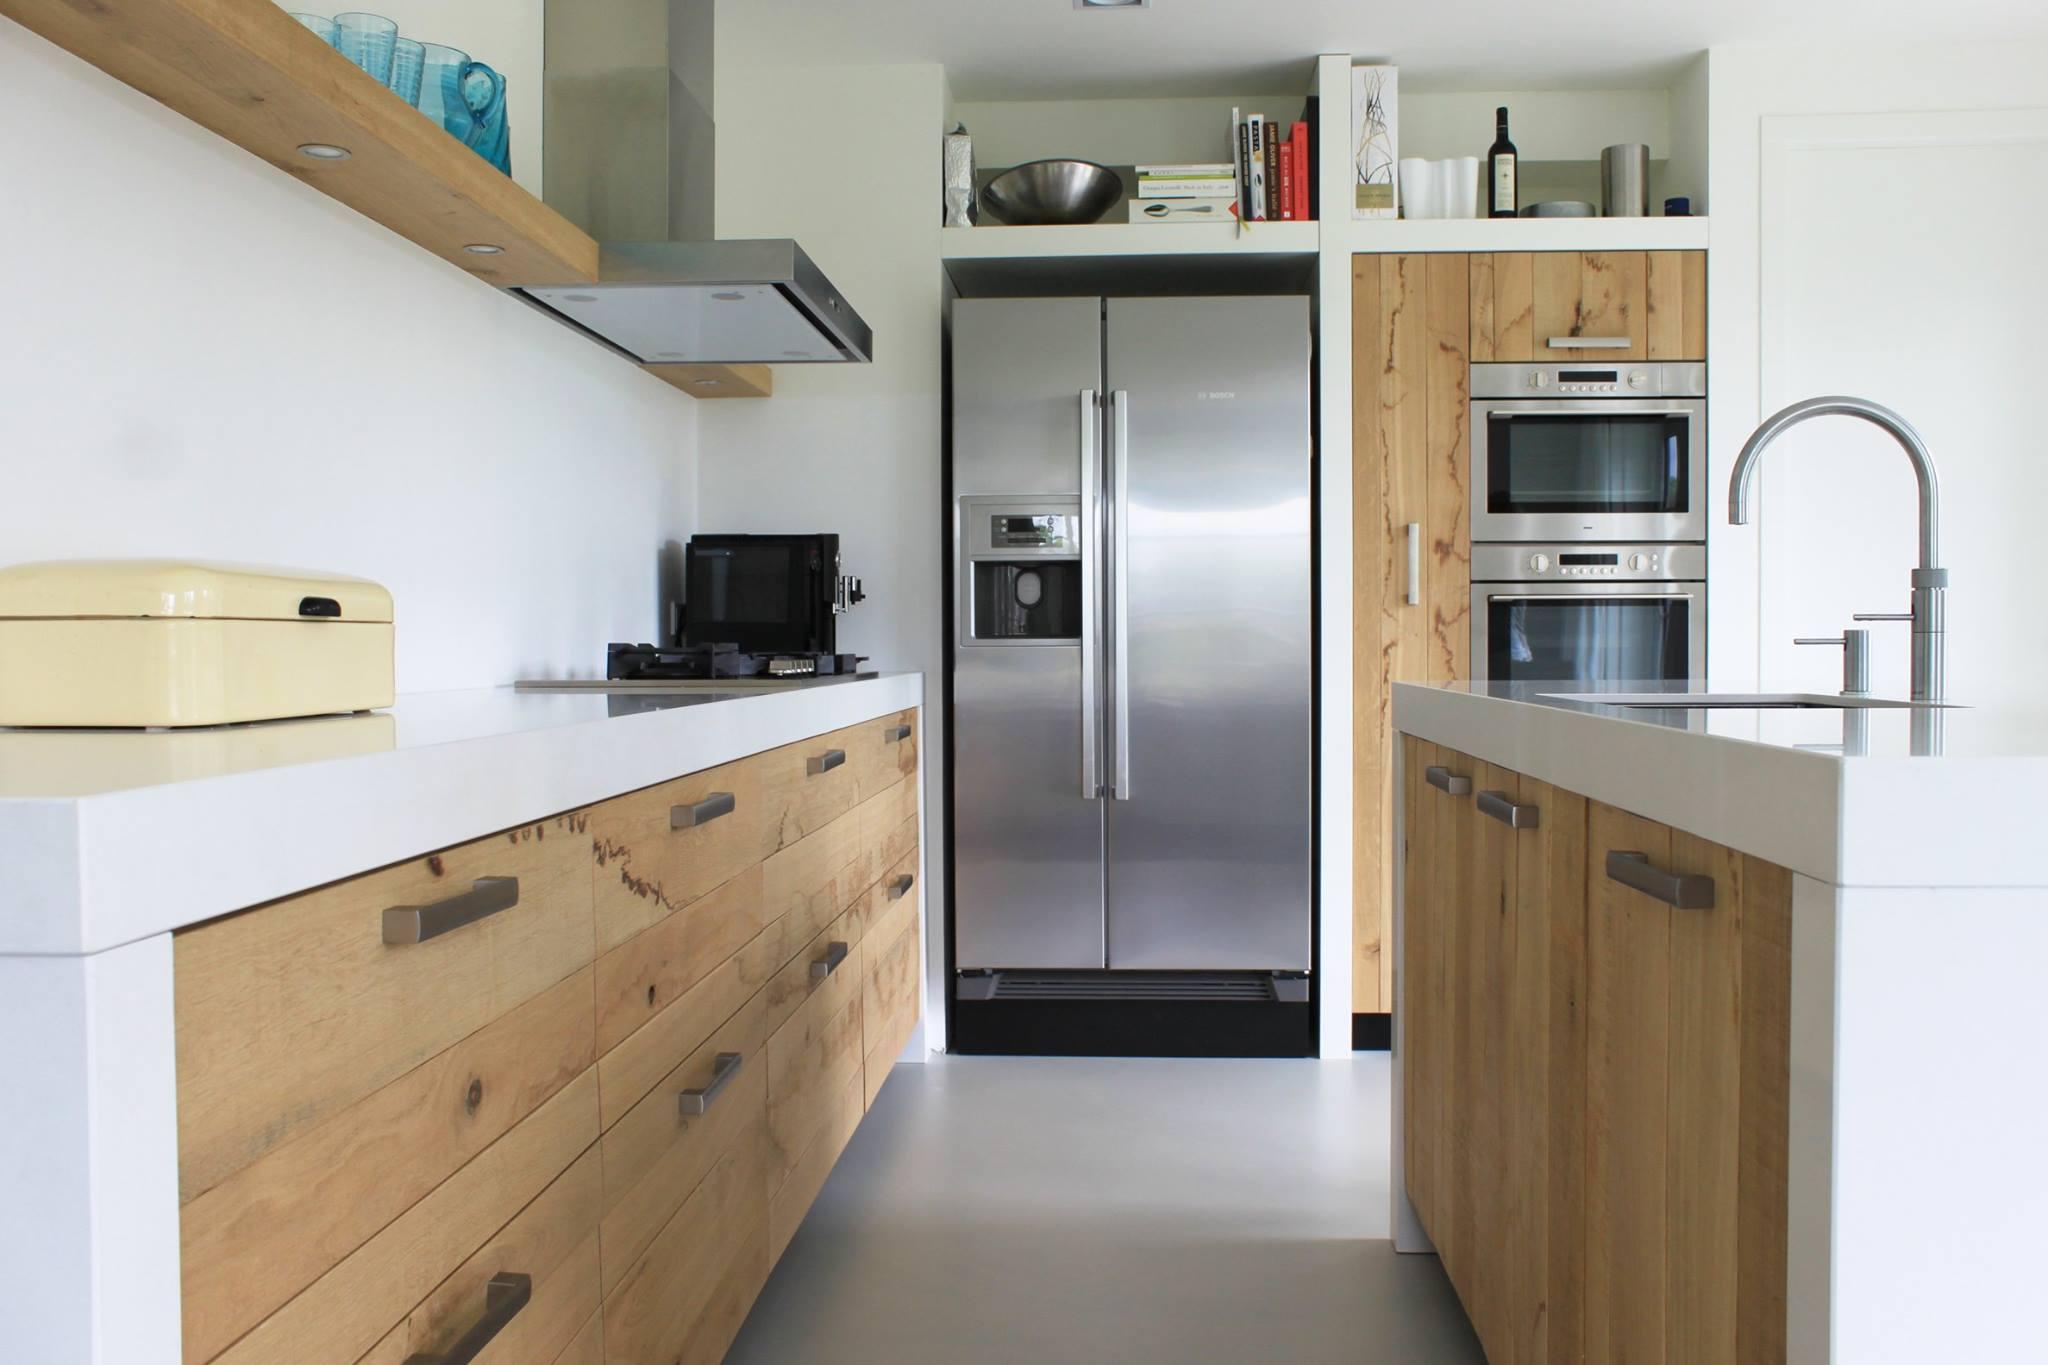 keukeninspiratie houten keukens met eiland nieuws startpagina